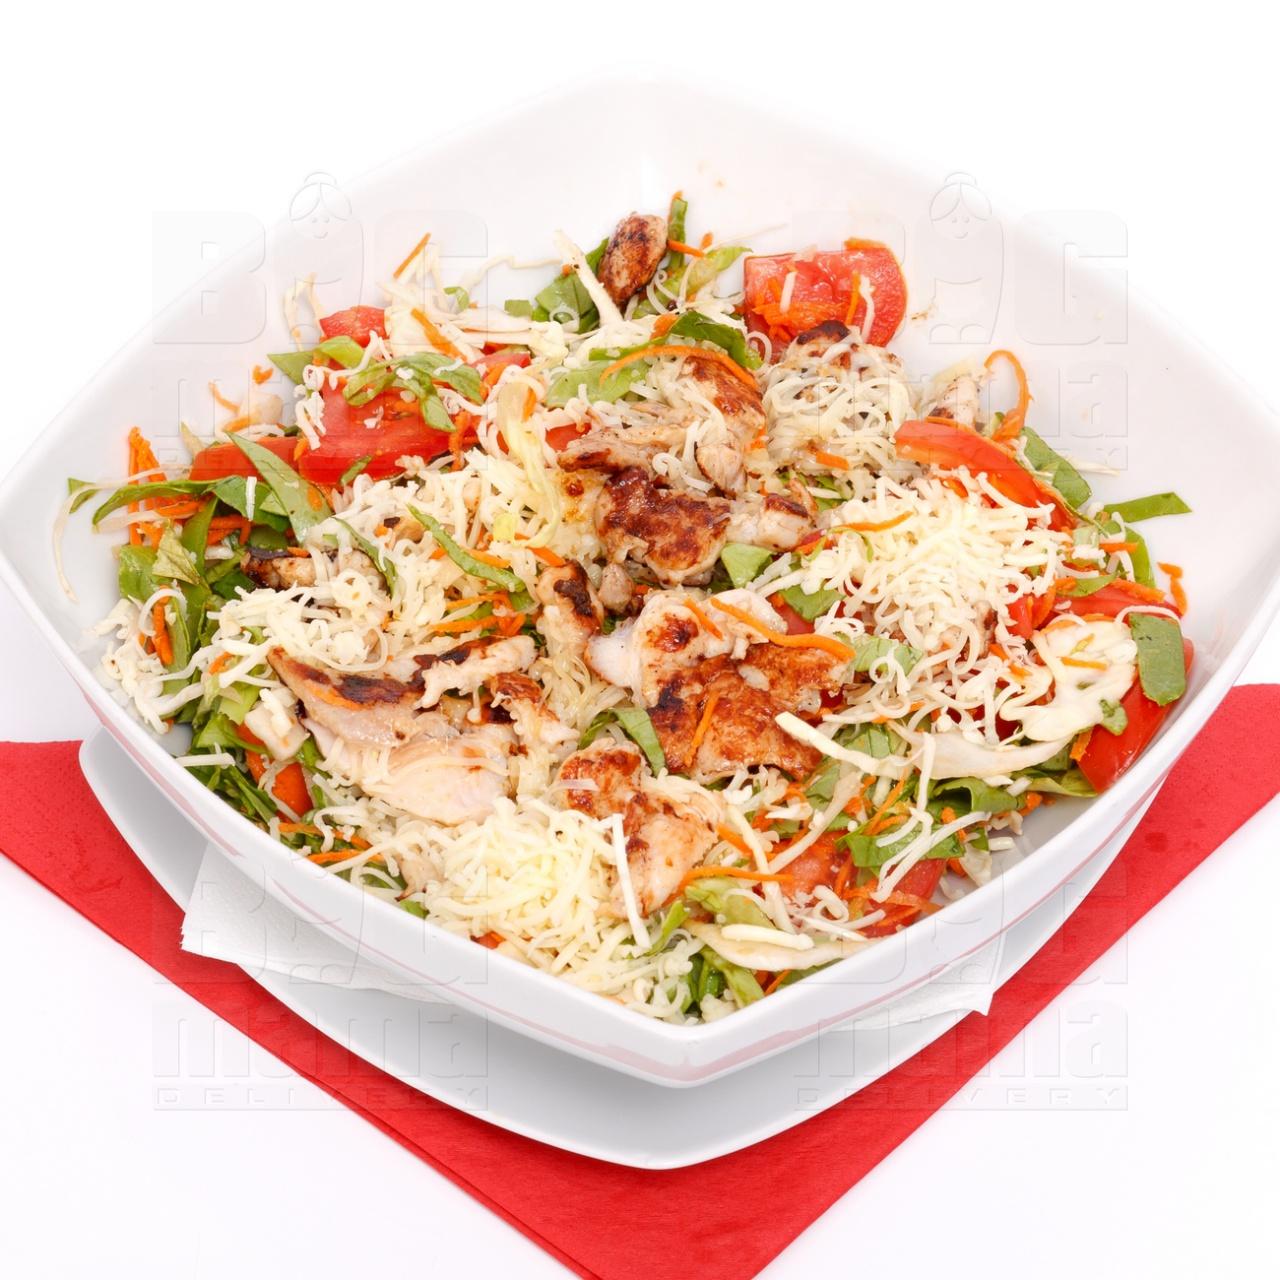 Product #169 image - Salată Cezar, 1/2 porție